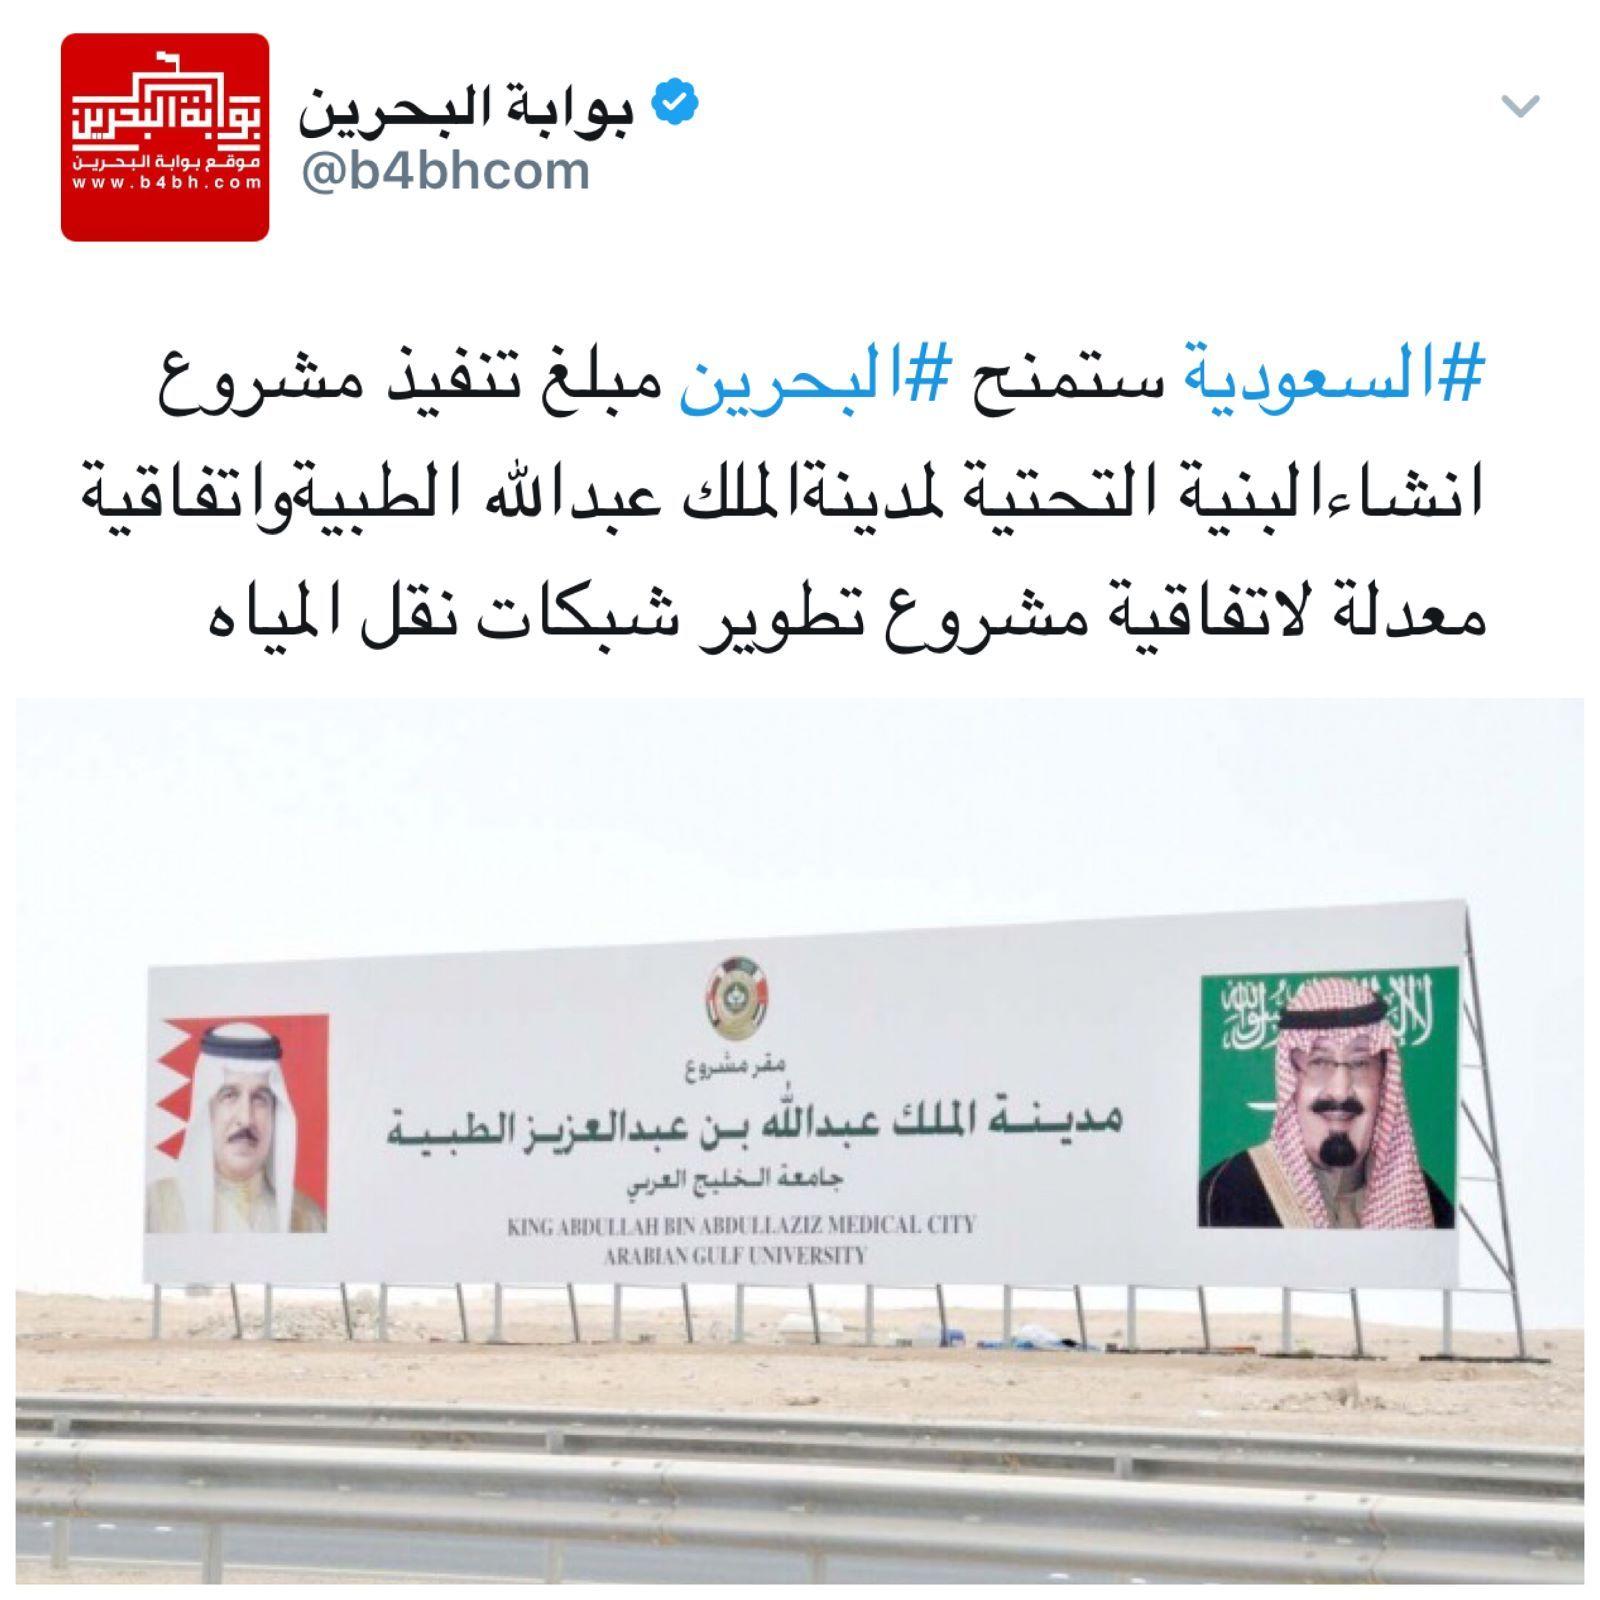 فعاليات البحرين Bahrain Events السياحة في البحرين Tourism Bahrain Tourism In Bahrain Tourism Travel البحرين Ba Instagram Posts Instagram Personal Care